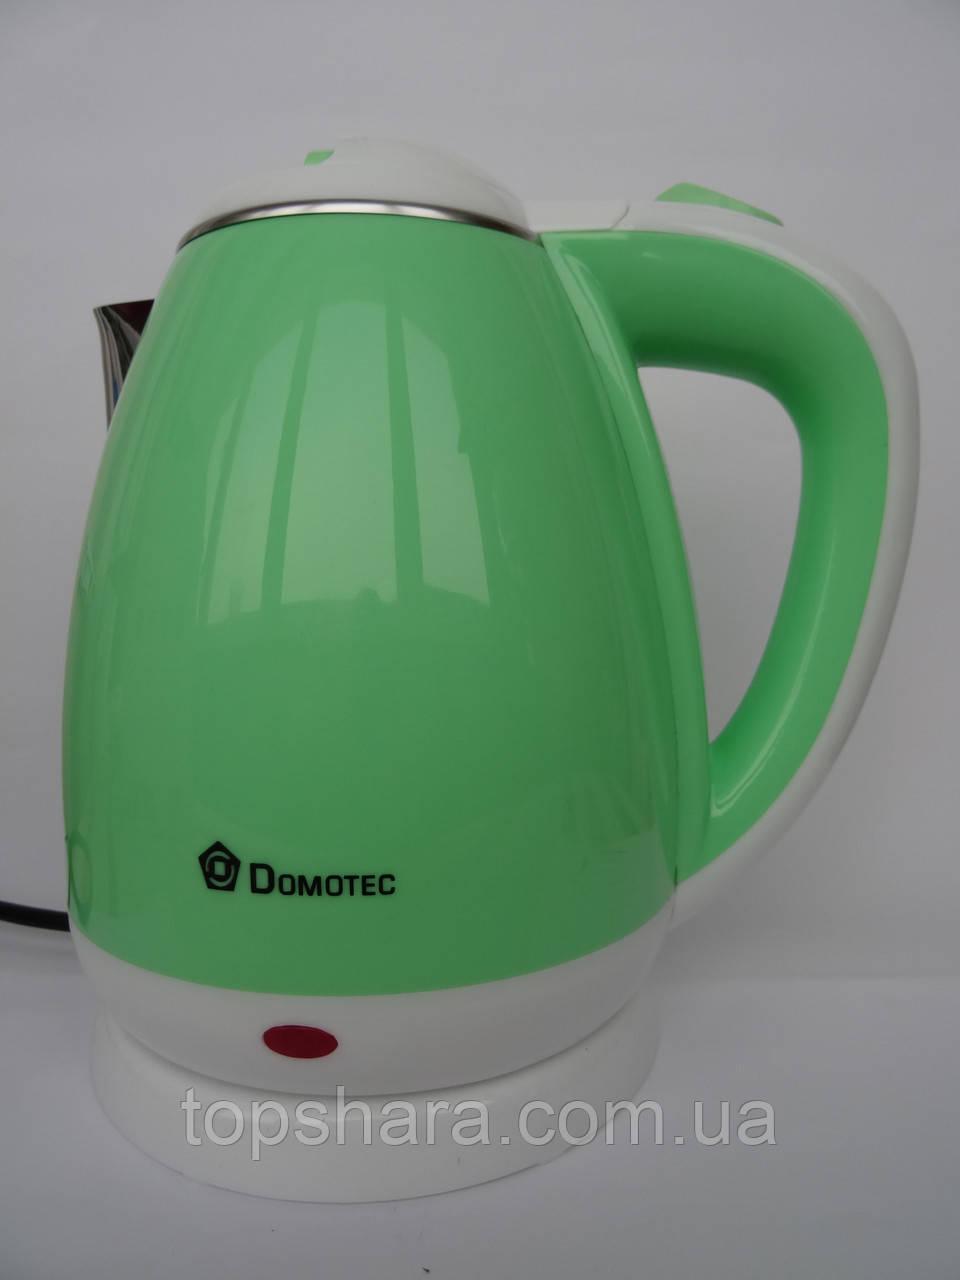 Электрочайник Domotec DT 901 чайник 1.8л. салатовый